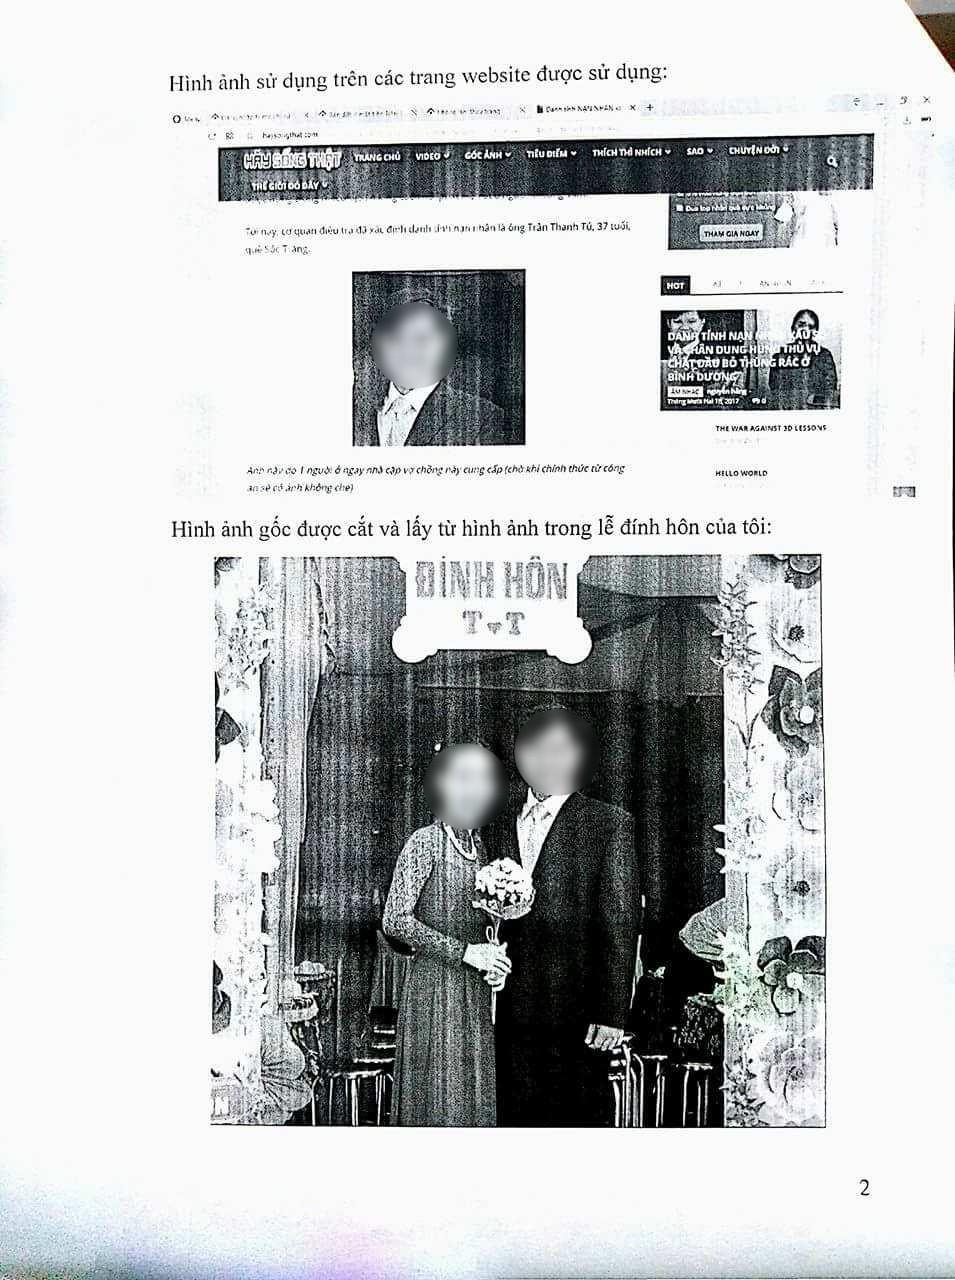 Người đàn ông ở Quảng Nam hoang mang vì bị nhầm thành người chồng trong vụ giết người phân xác ở Bình Dương - Ảnh 4.